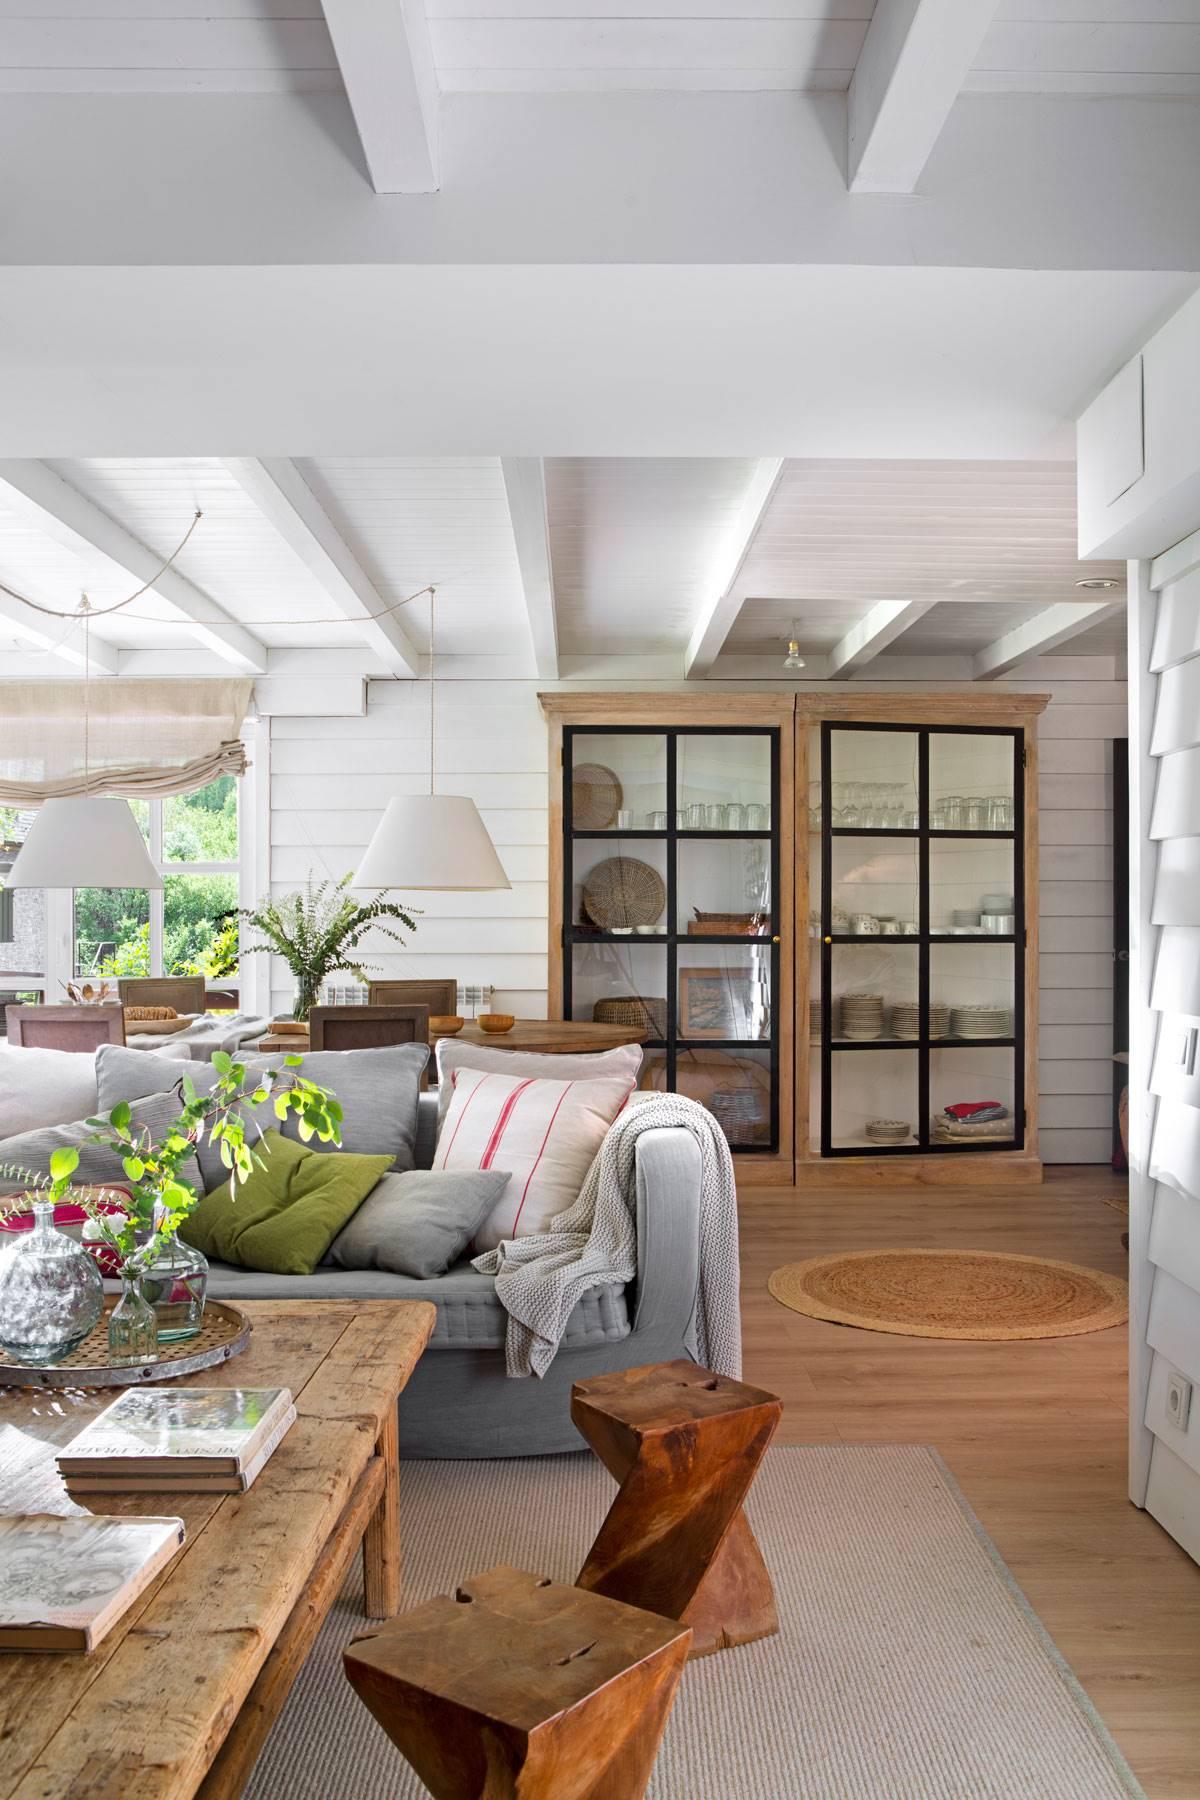 salones-blancos-madera-00508541 O. Y que combina bien con la madera